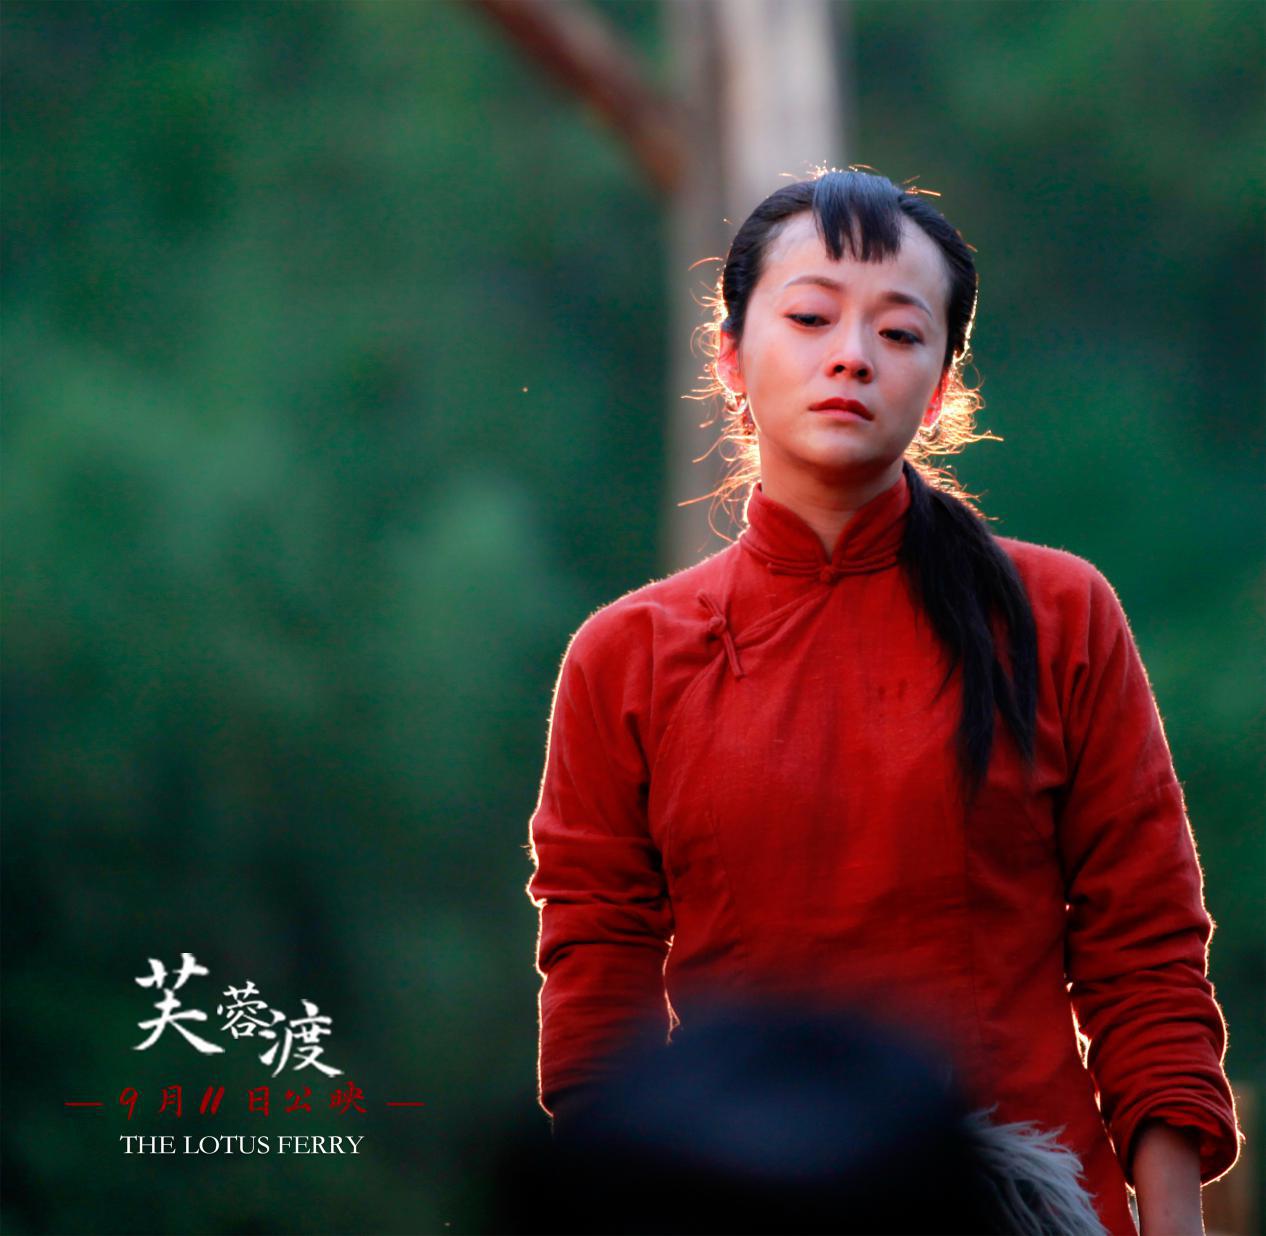 电影《芙蓉渡》已于9月11日全国上映,目前正在火热公映中。